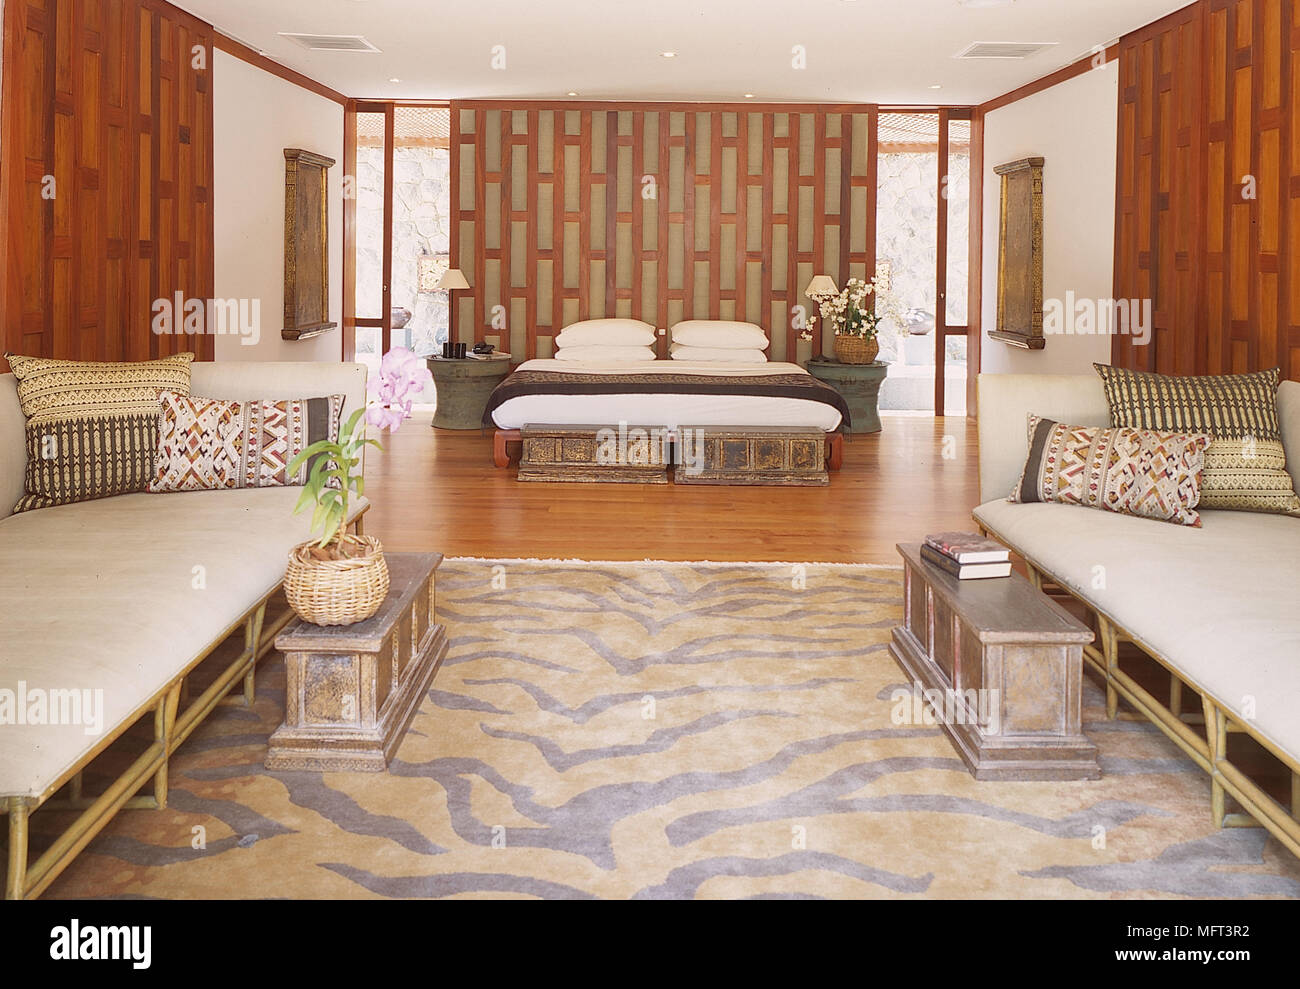 Schlafzimmer Weiße Wände Holztäfelung Bodenbeläge Zwei Sofas,  Beistelltische Creme Braun Kissen Interieur Schlafzimmer Villas Oriental  Ost Betten Geräumige ...